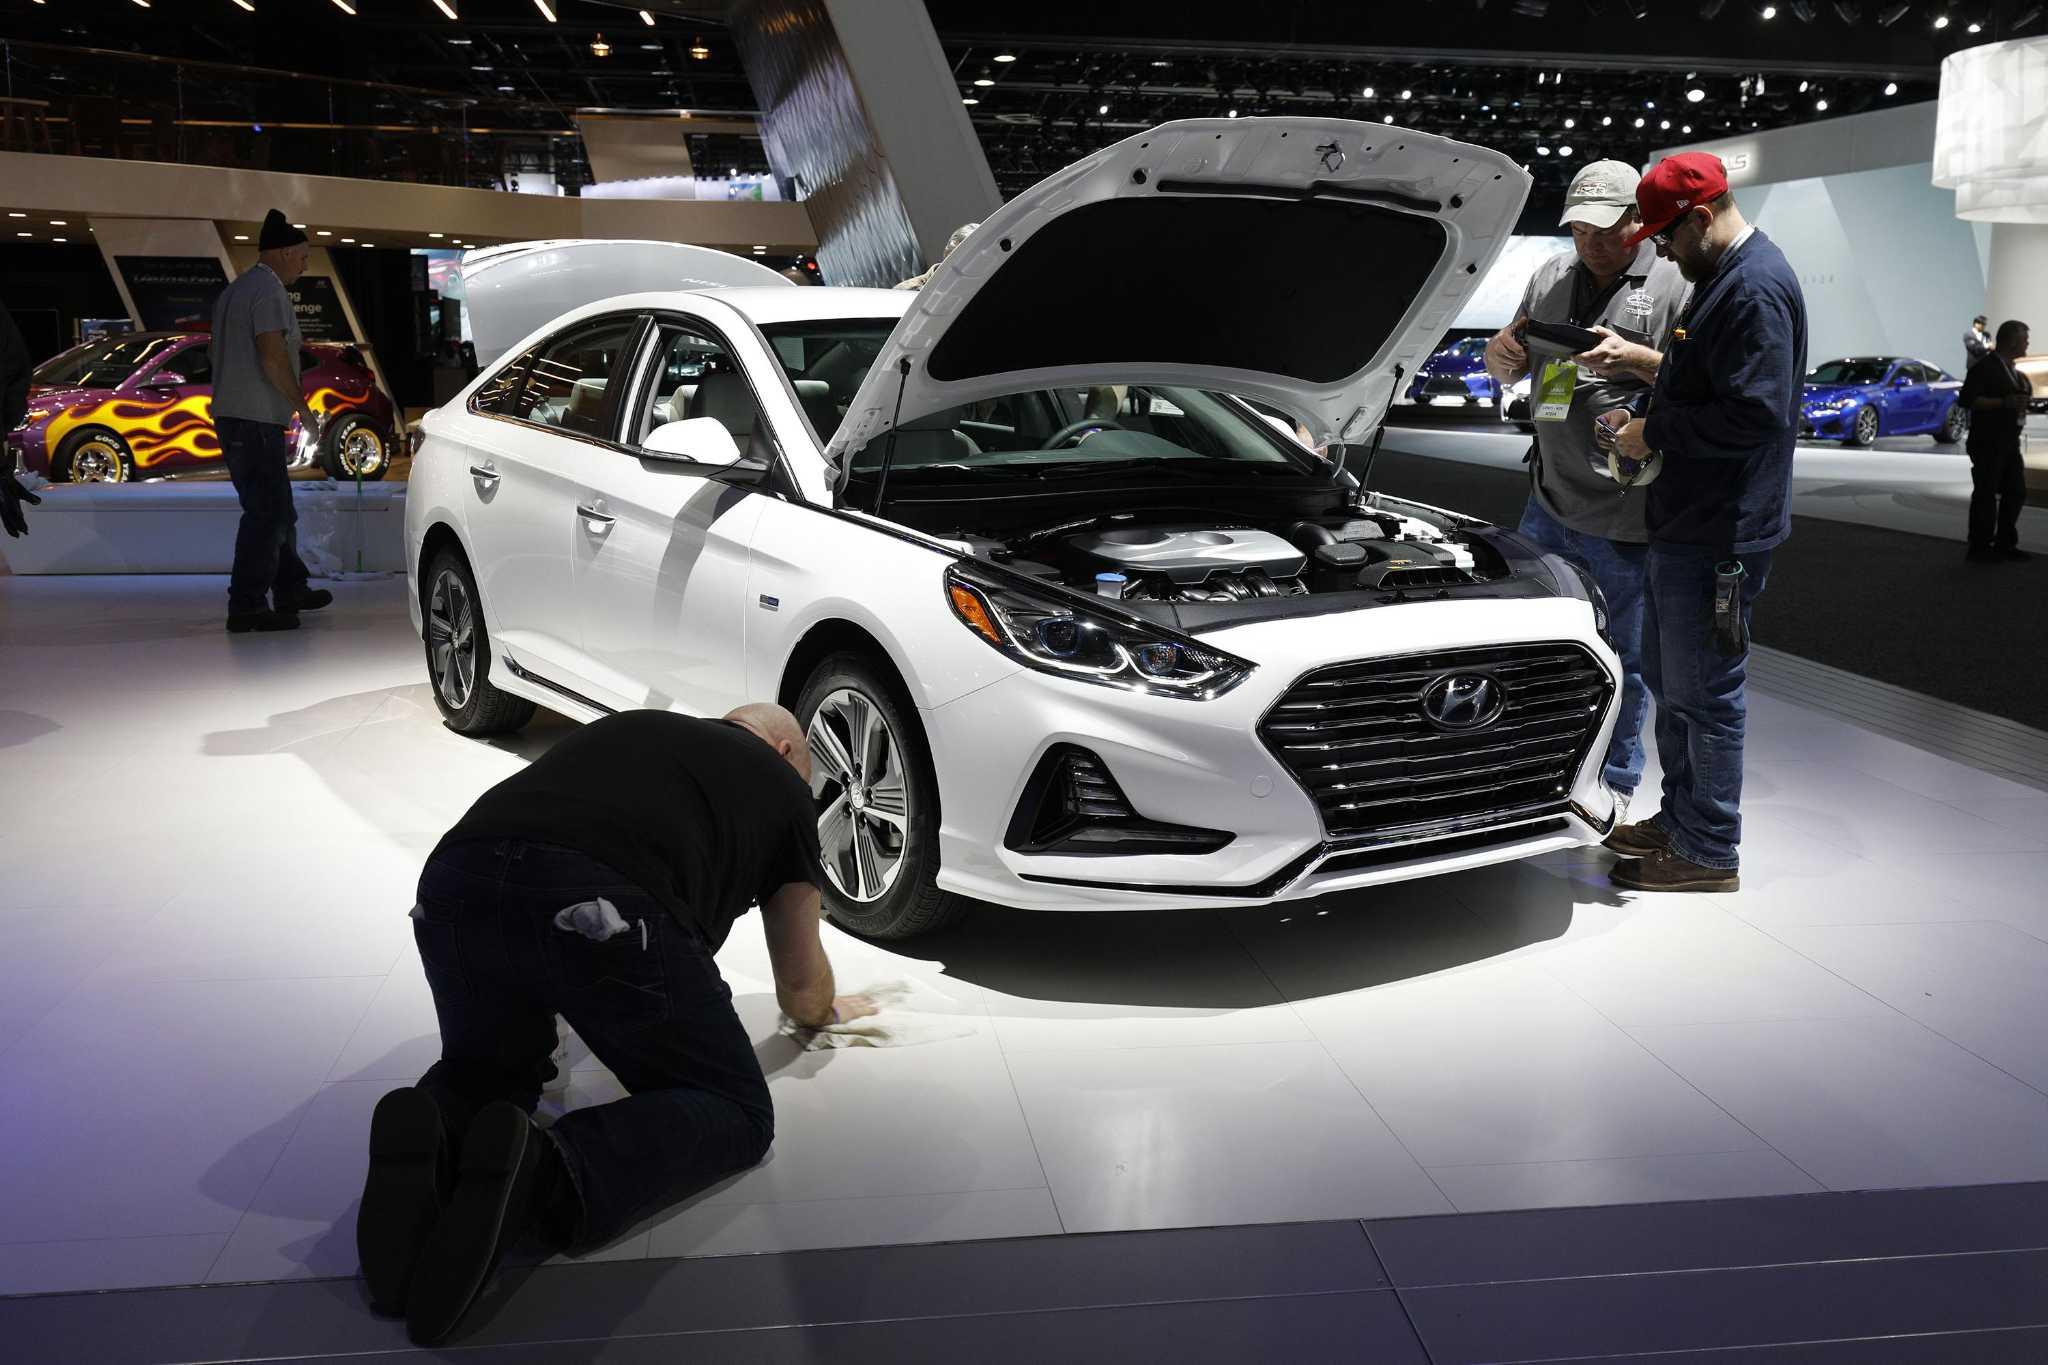 Autonomous cars loom but the Detroit auto show goes on San